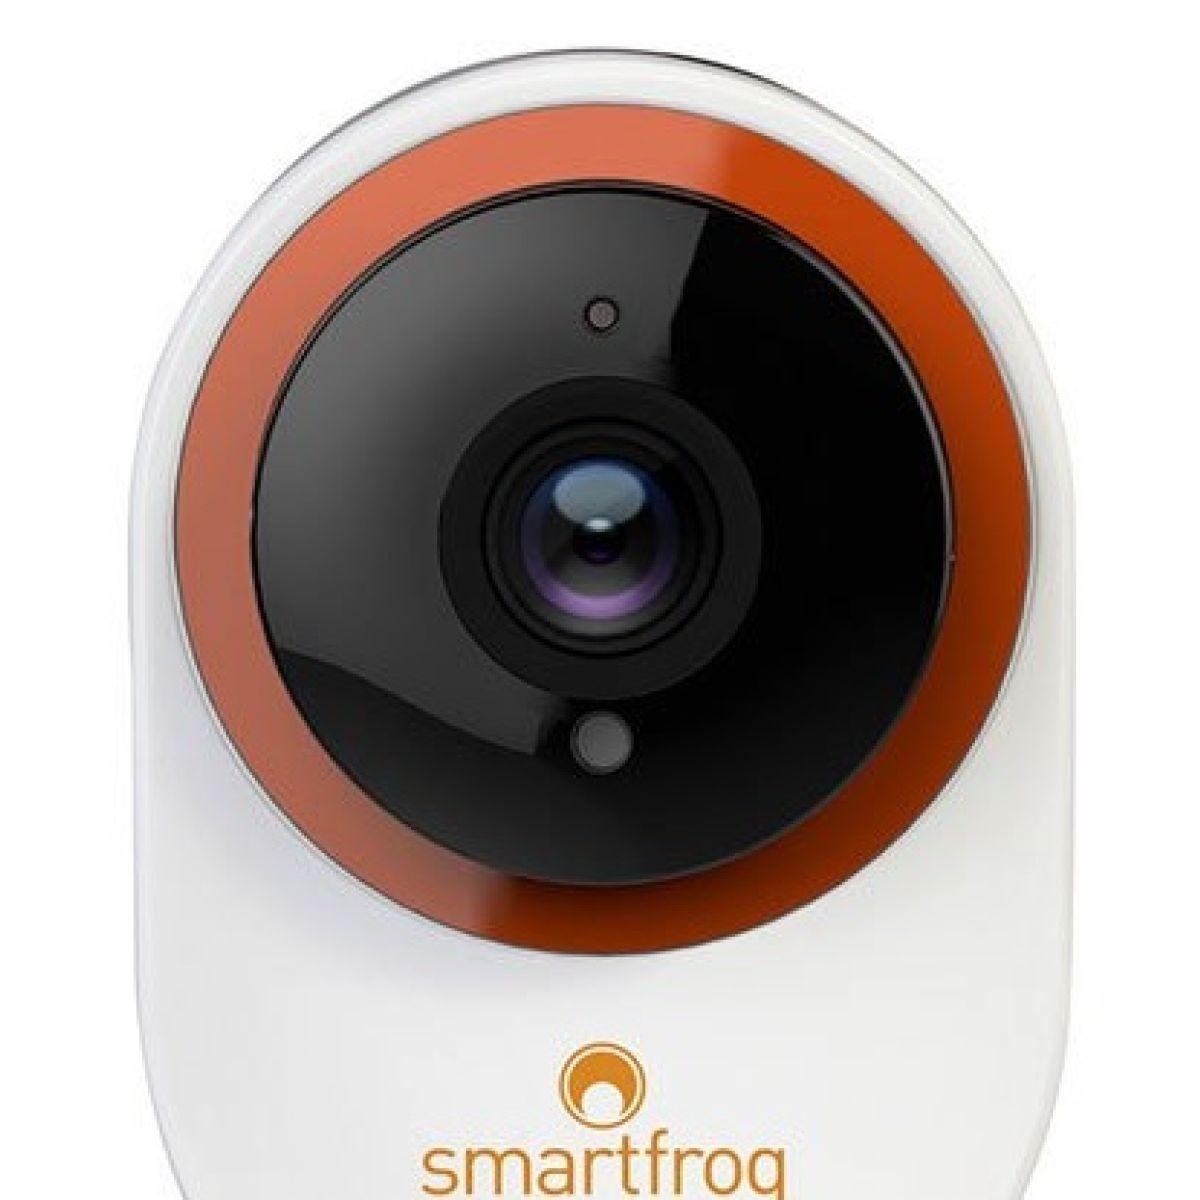 Tech tools review: Smartfrog Cam